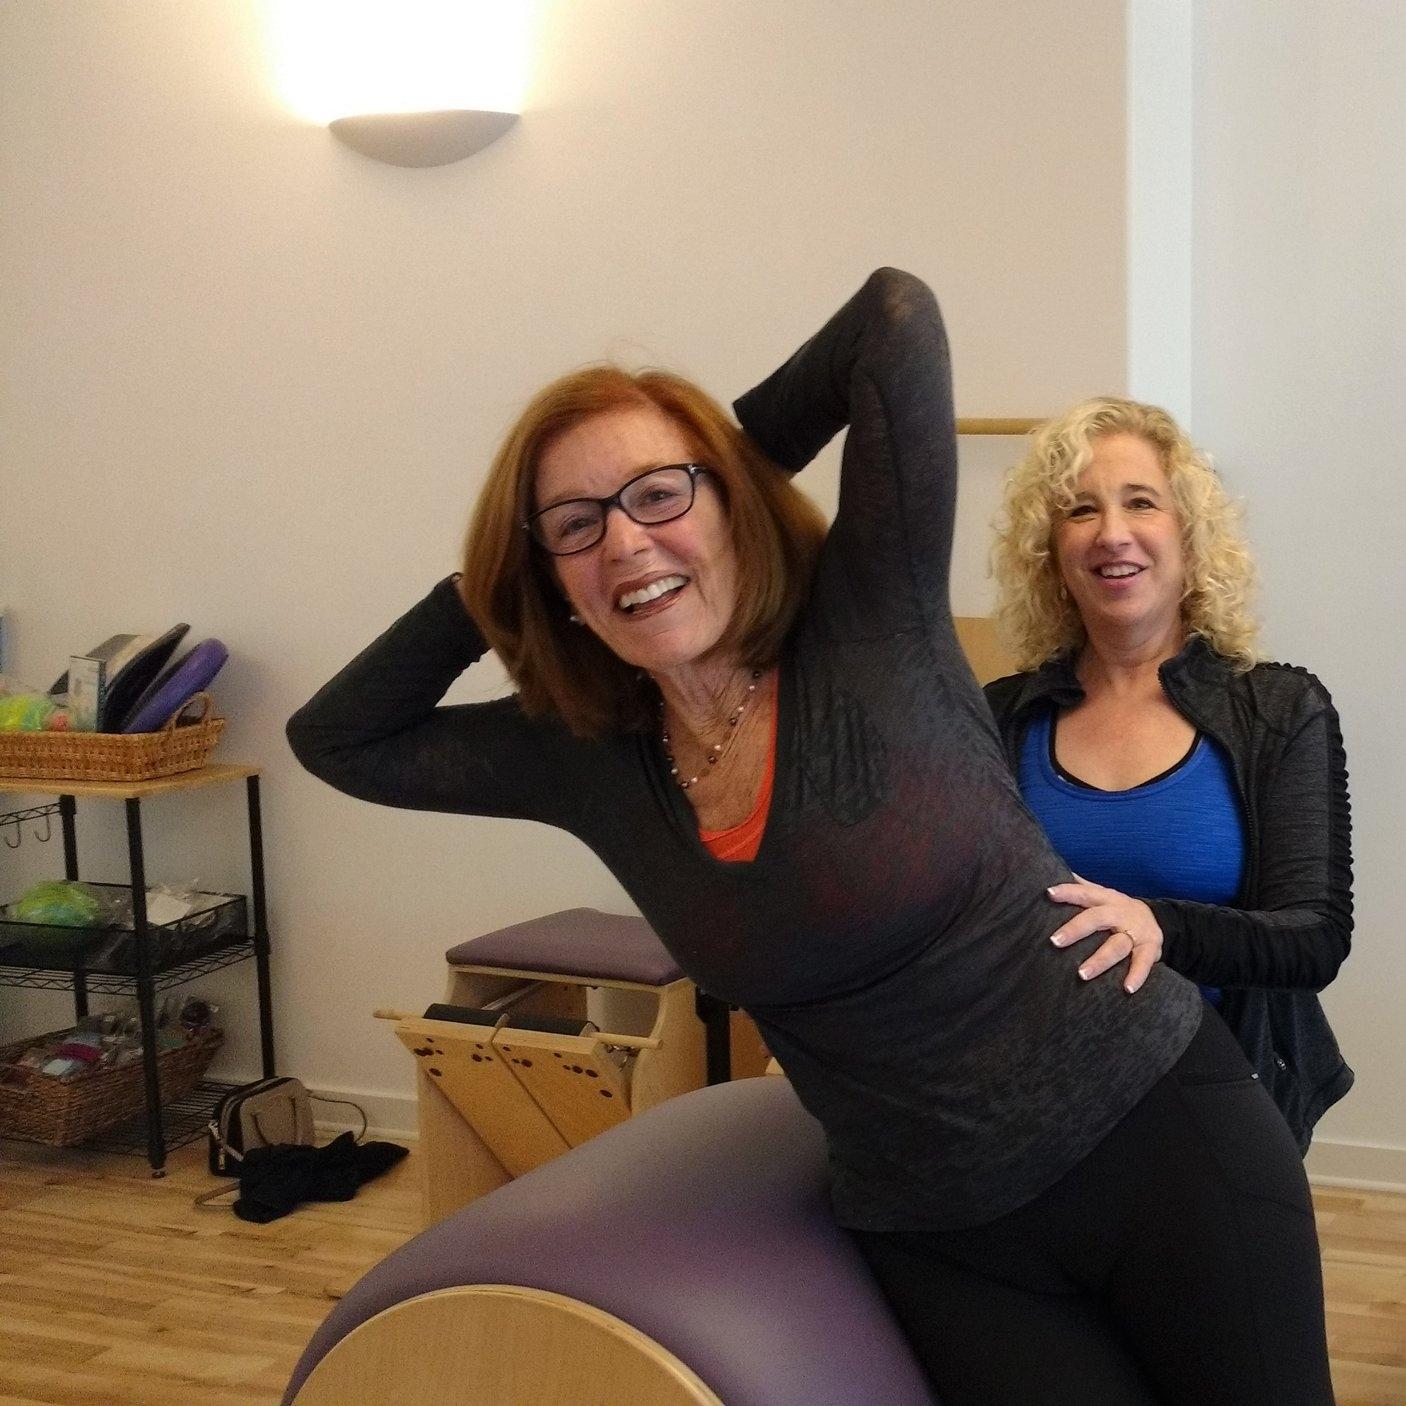 Pilates-back-pain-rehab-austin